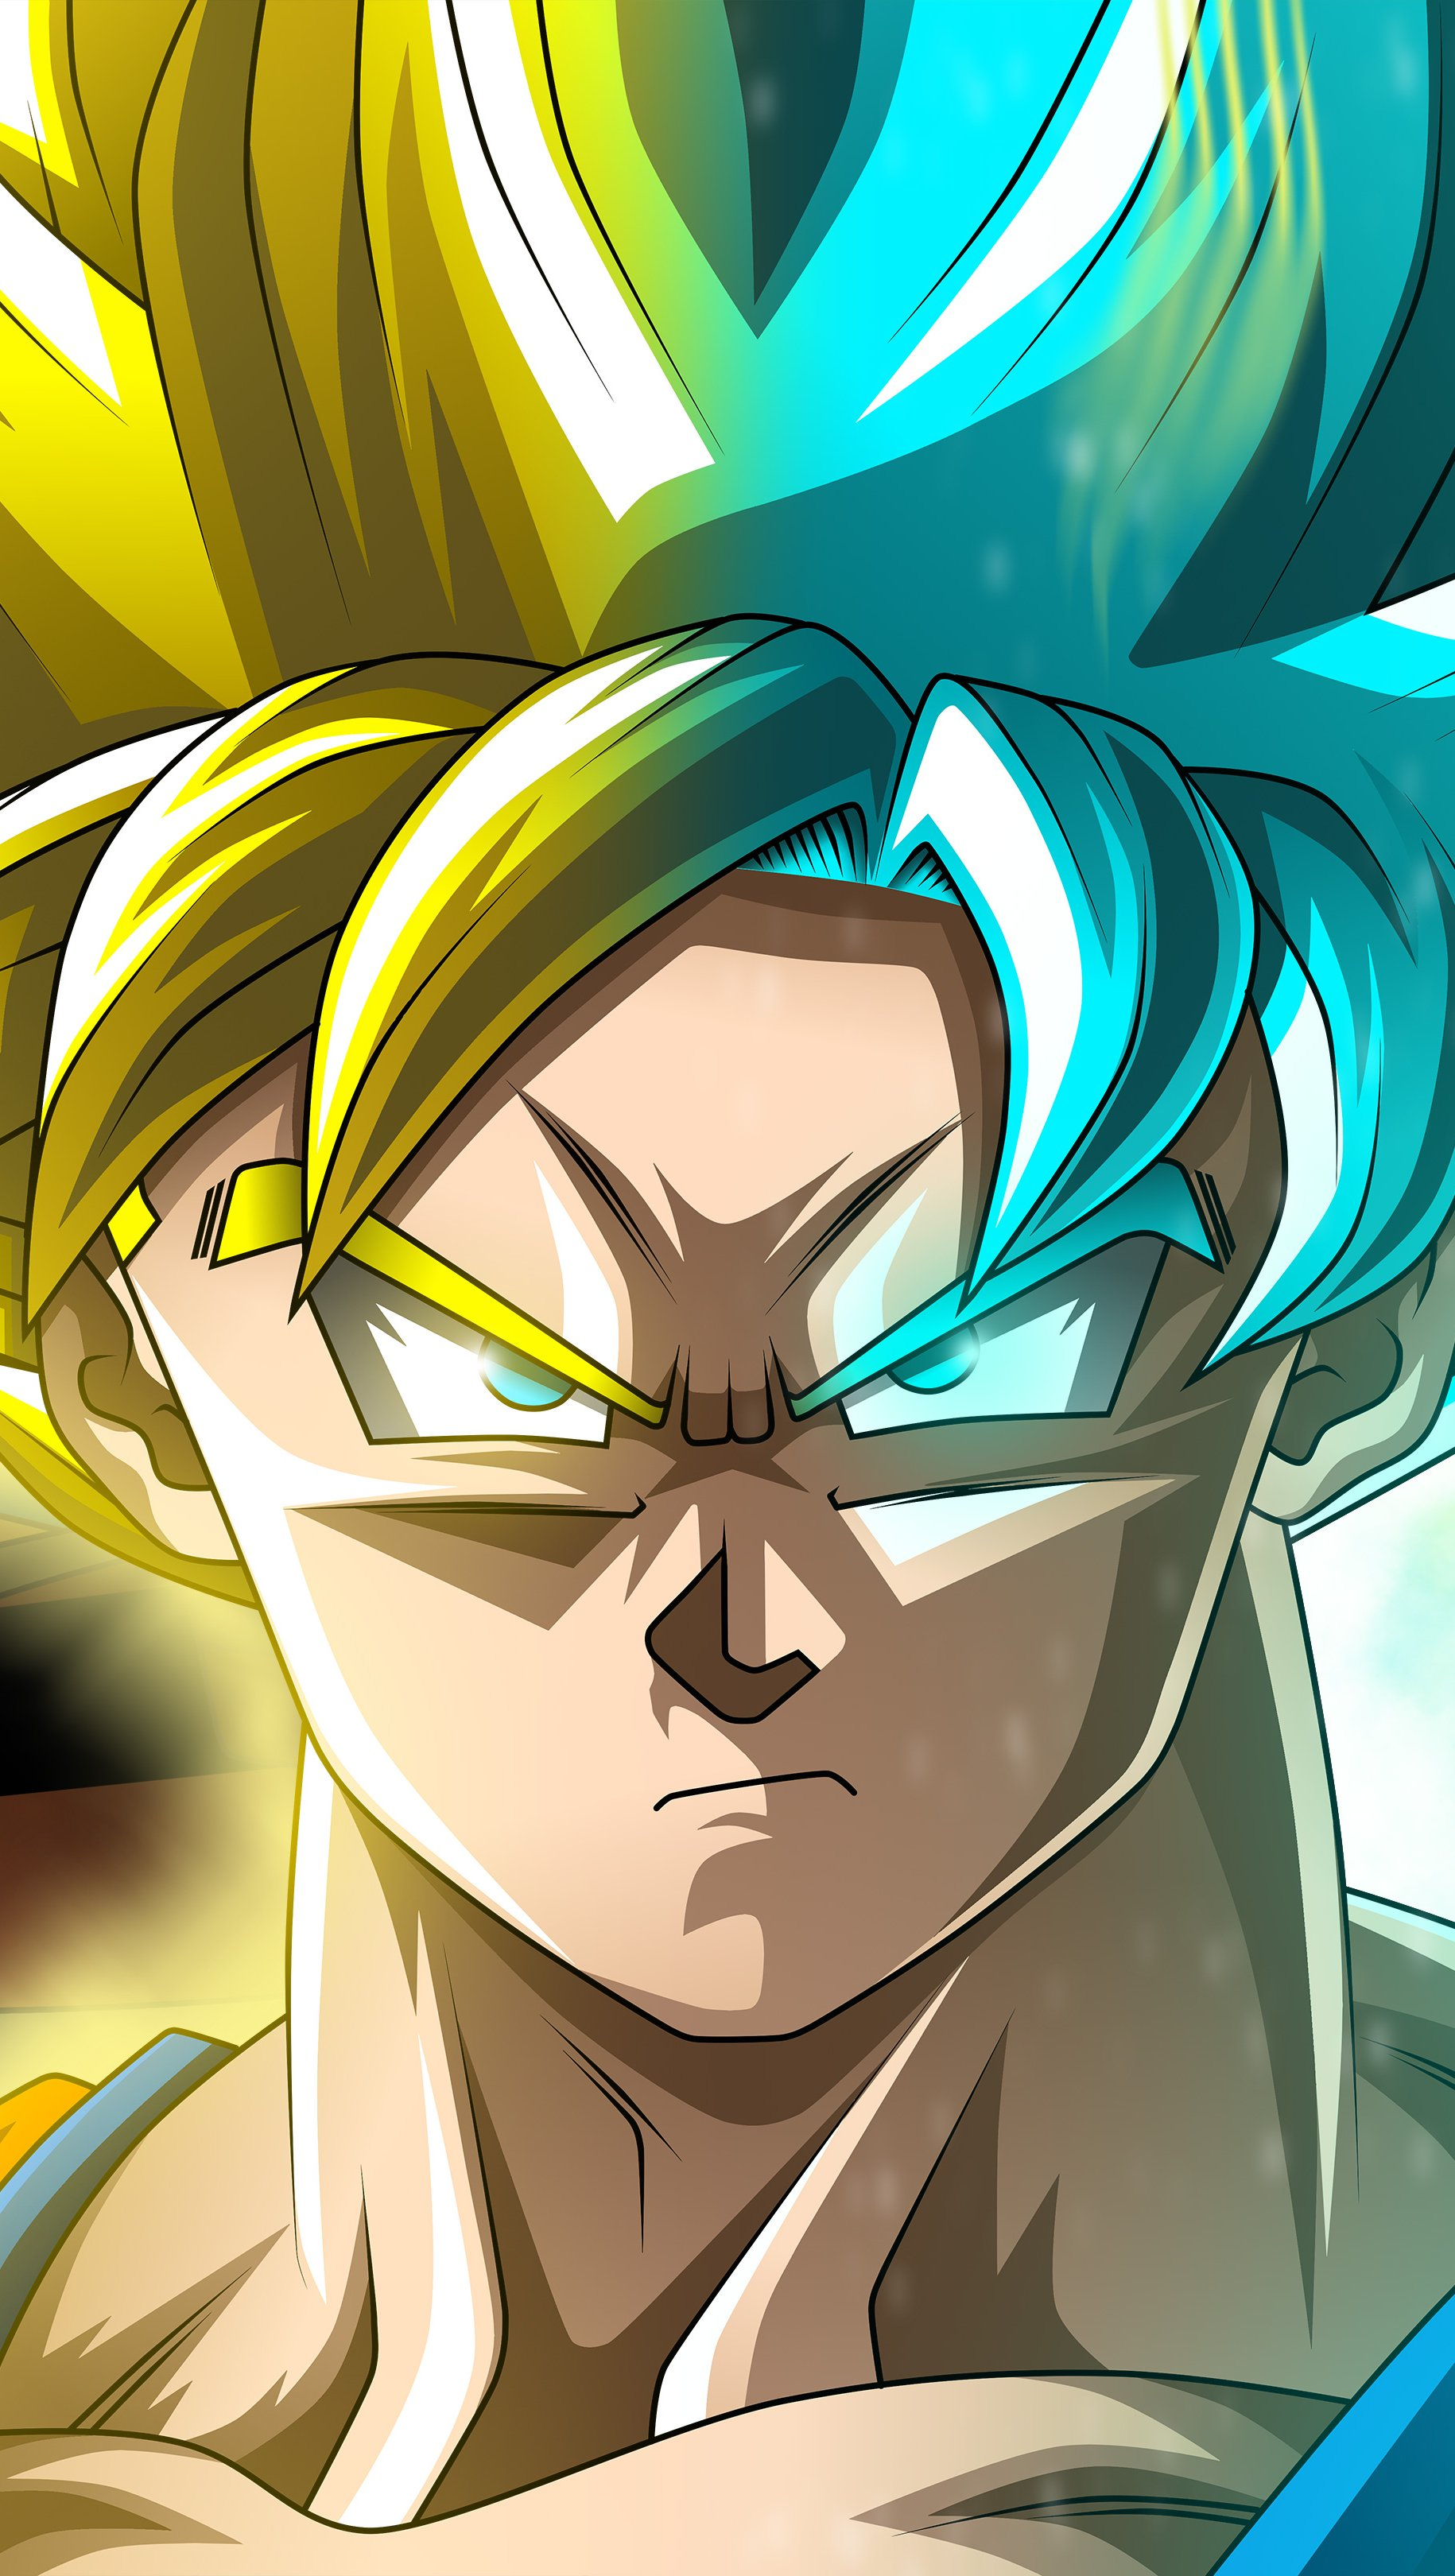 Fondos de pantalla Anime Goku Super Saiyan Dragon Ball Super Vertical